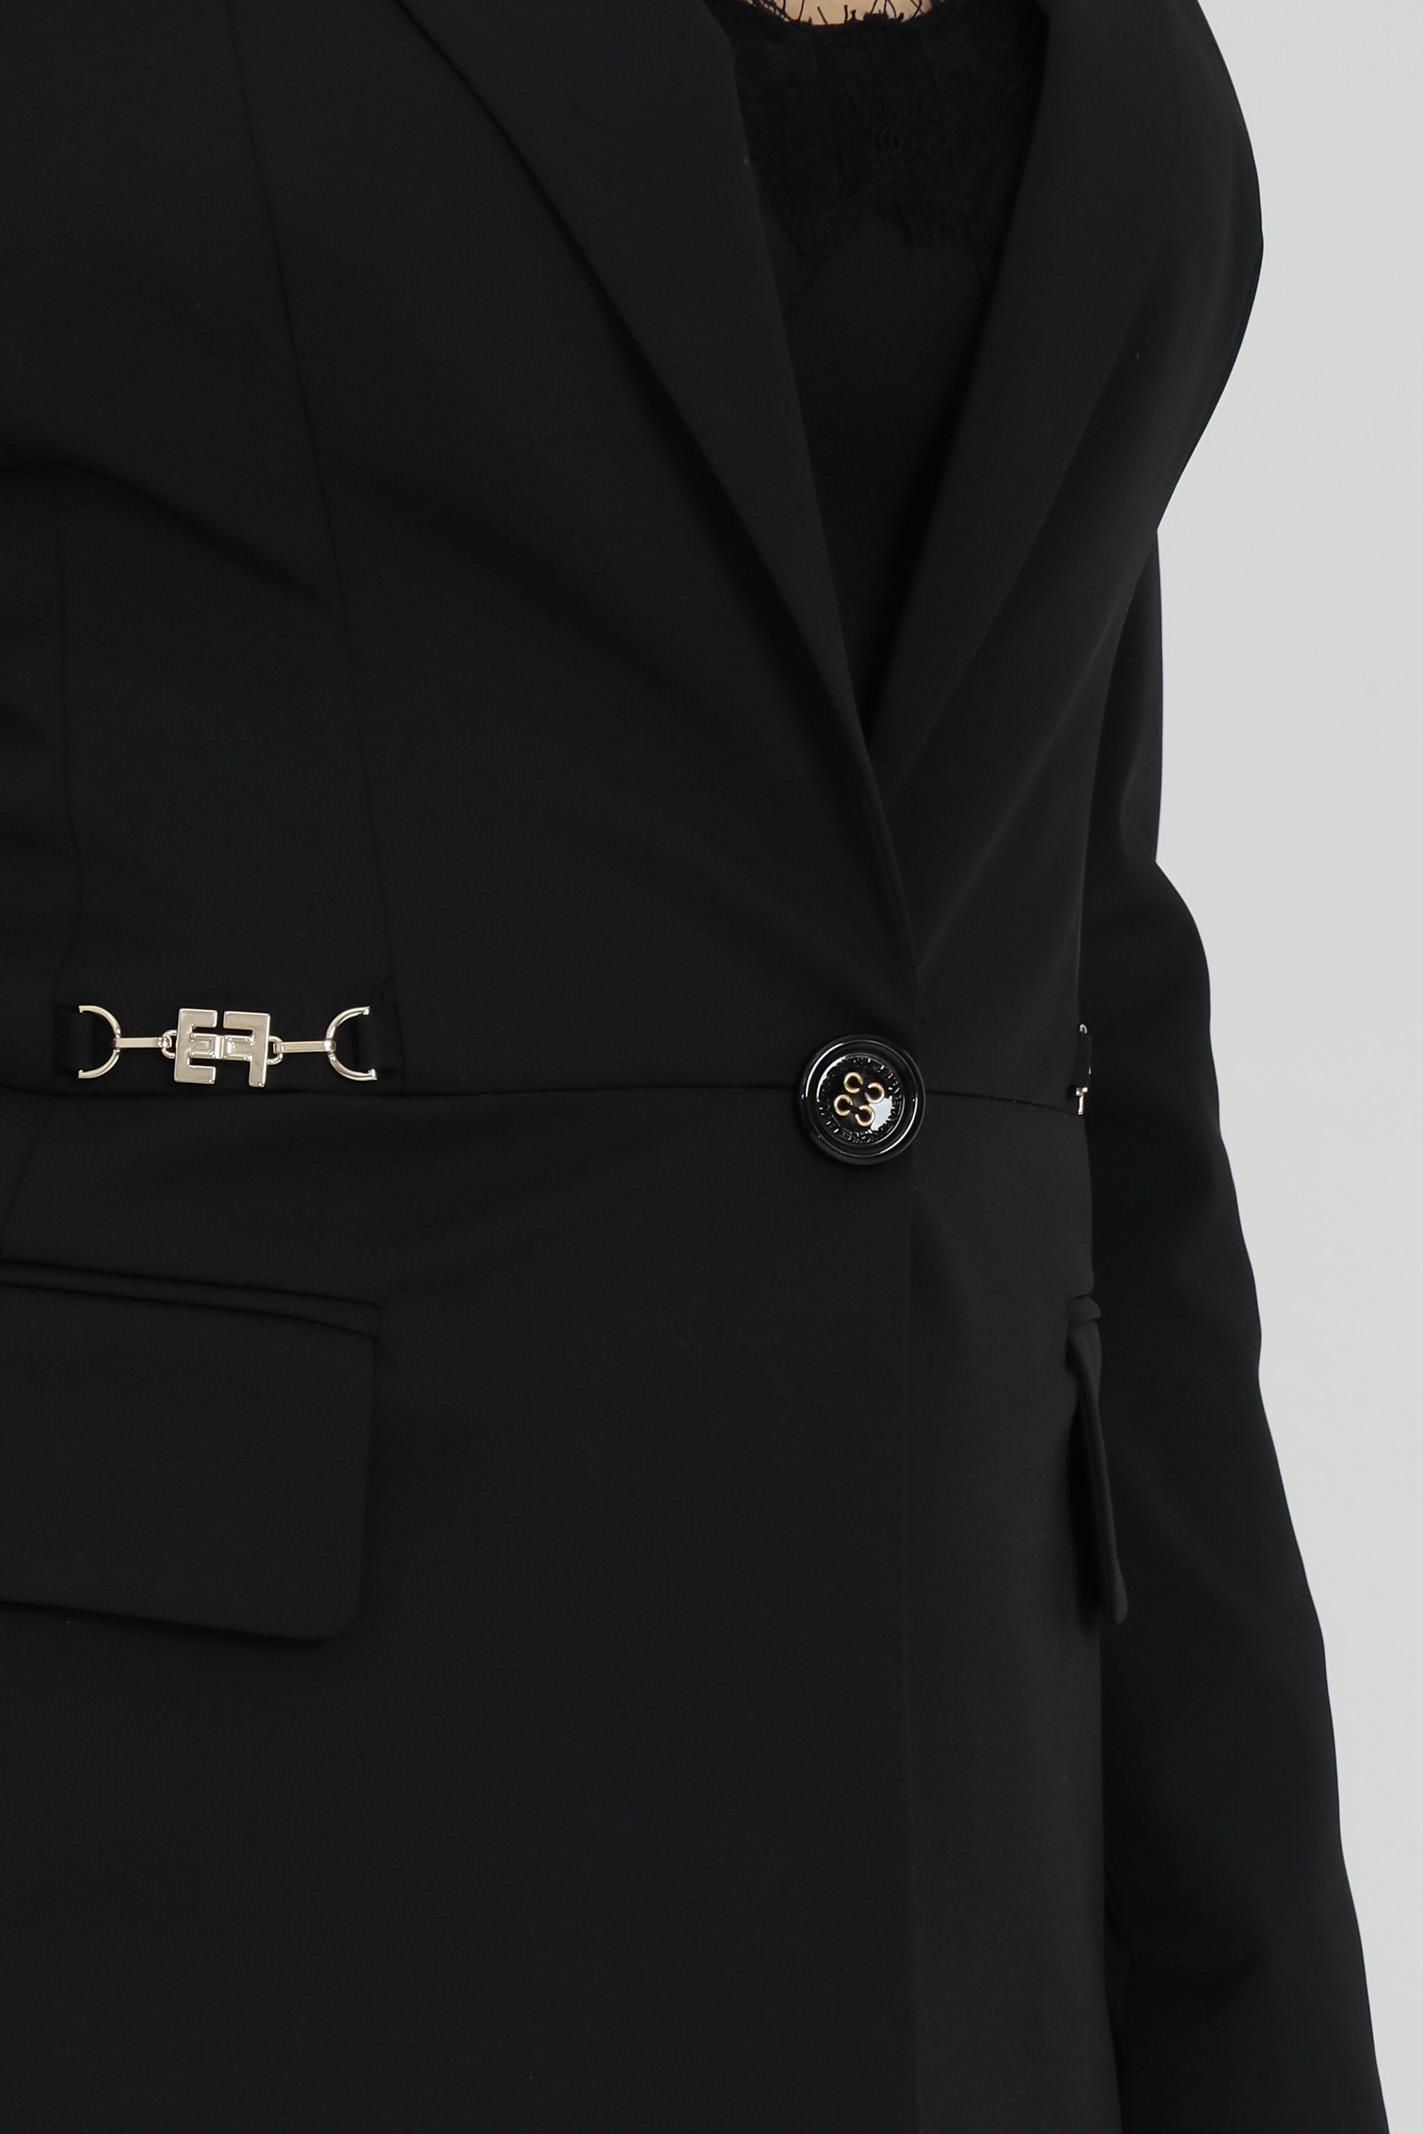 Giacca donna nera Elisabetta Franchi | GI96911E2110